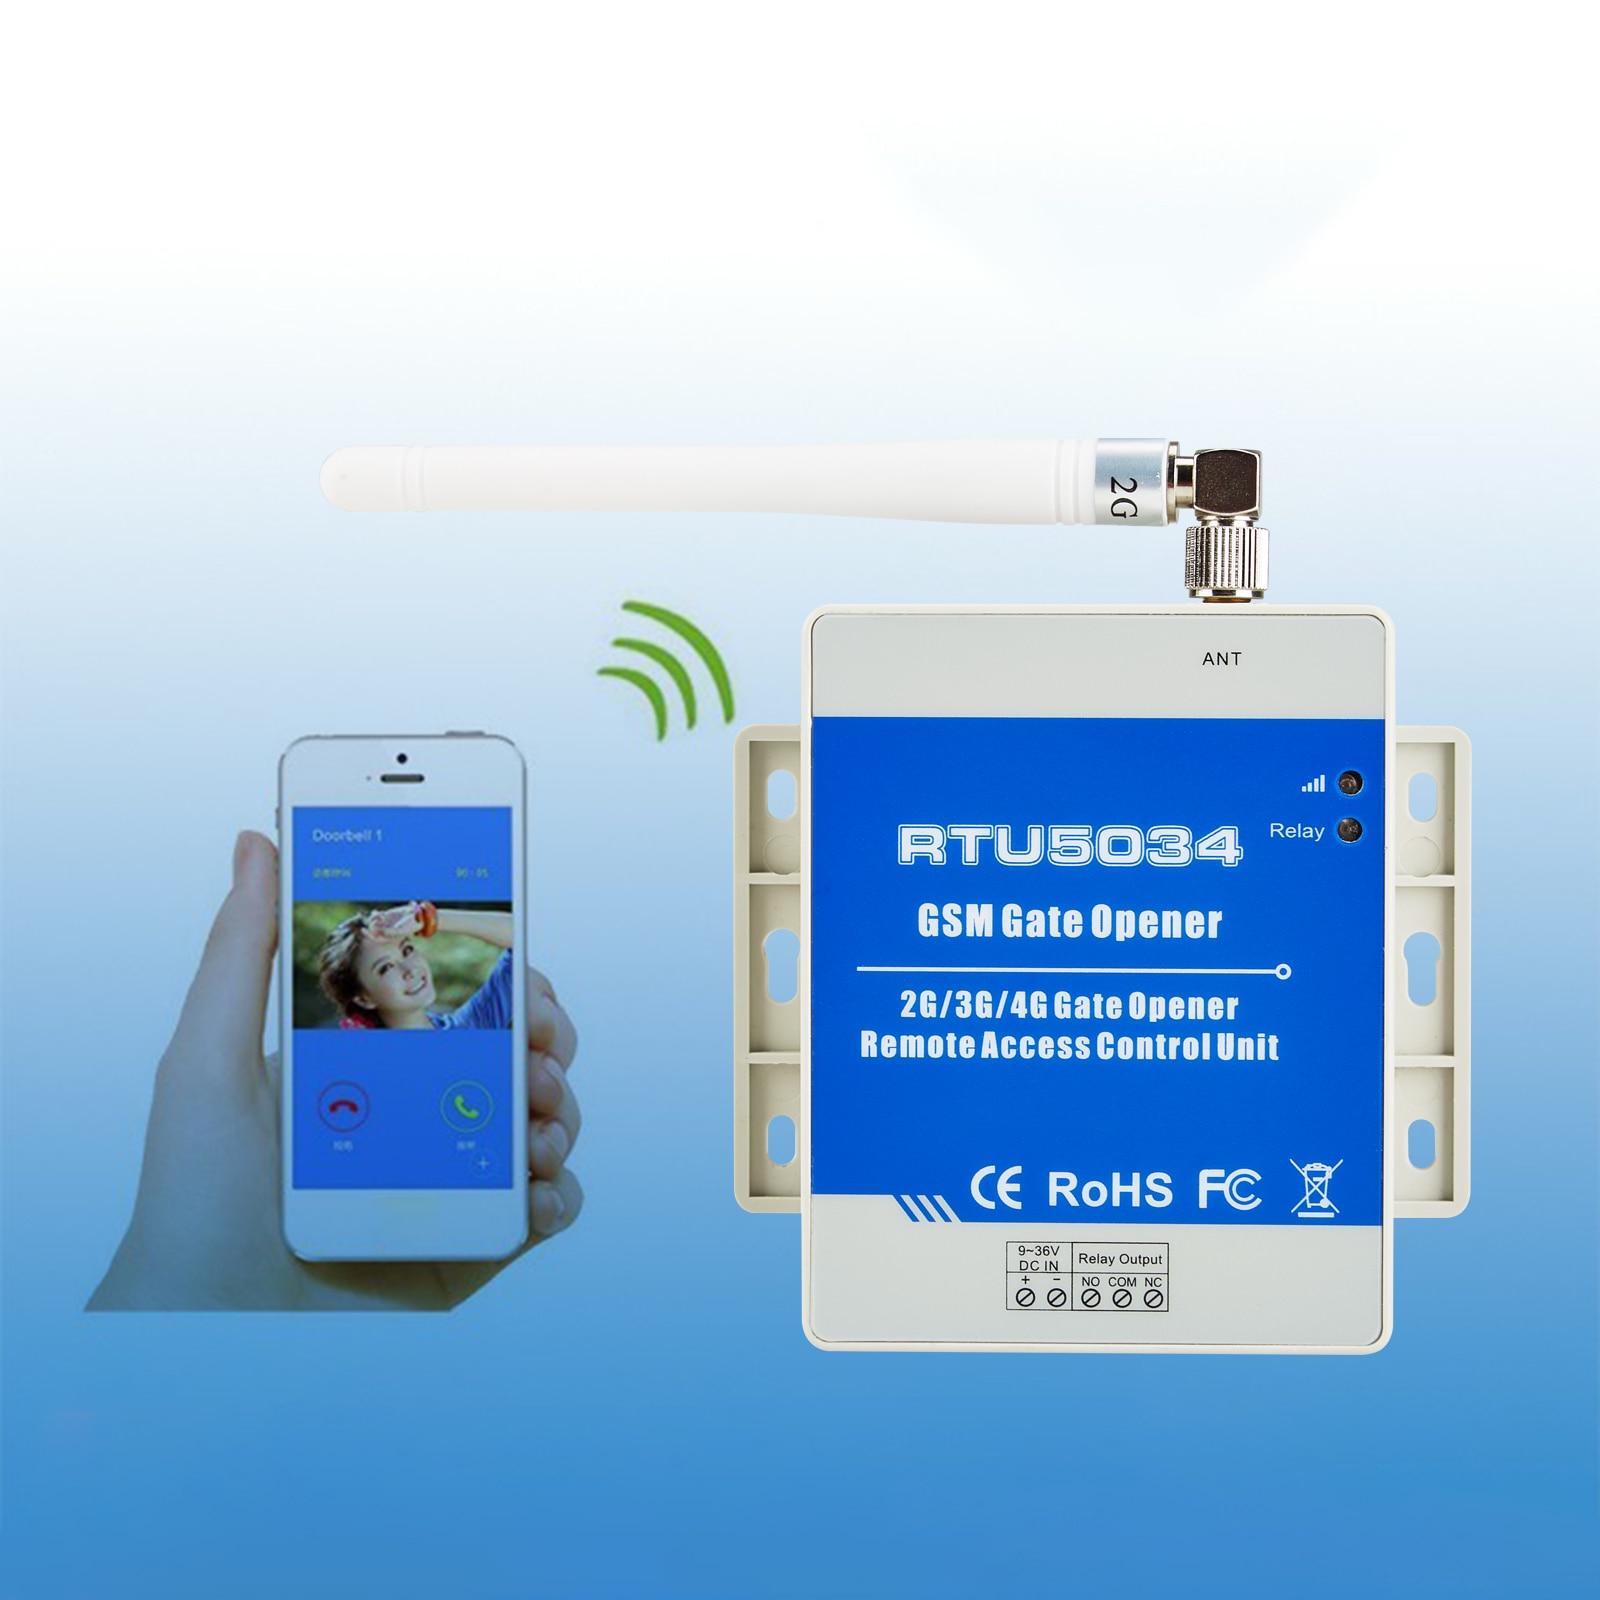 GSM Garage Door Opener Remote Control Automatic Door Gate Control Board sliding door motor Control unit RTU5034 3G Optional